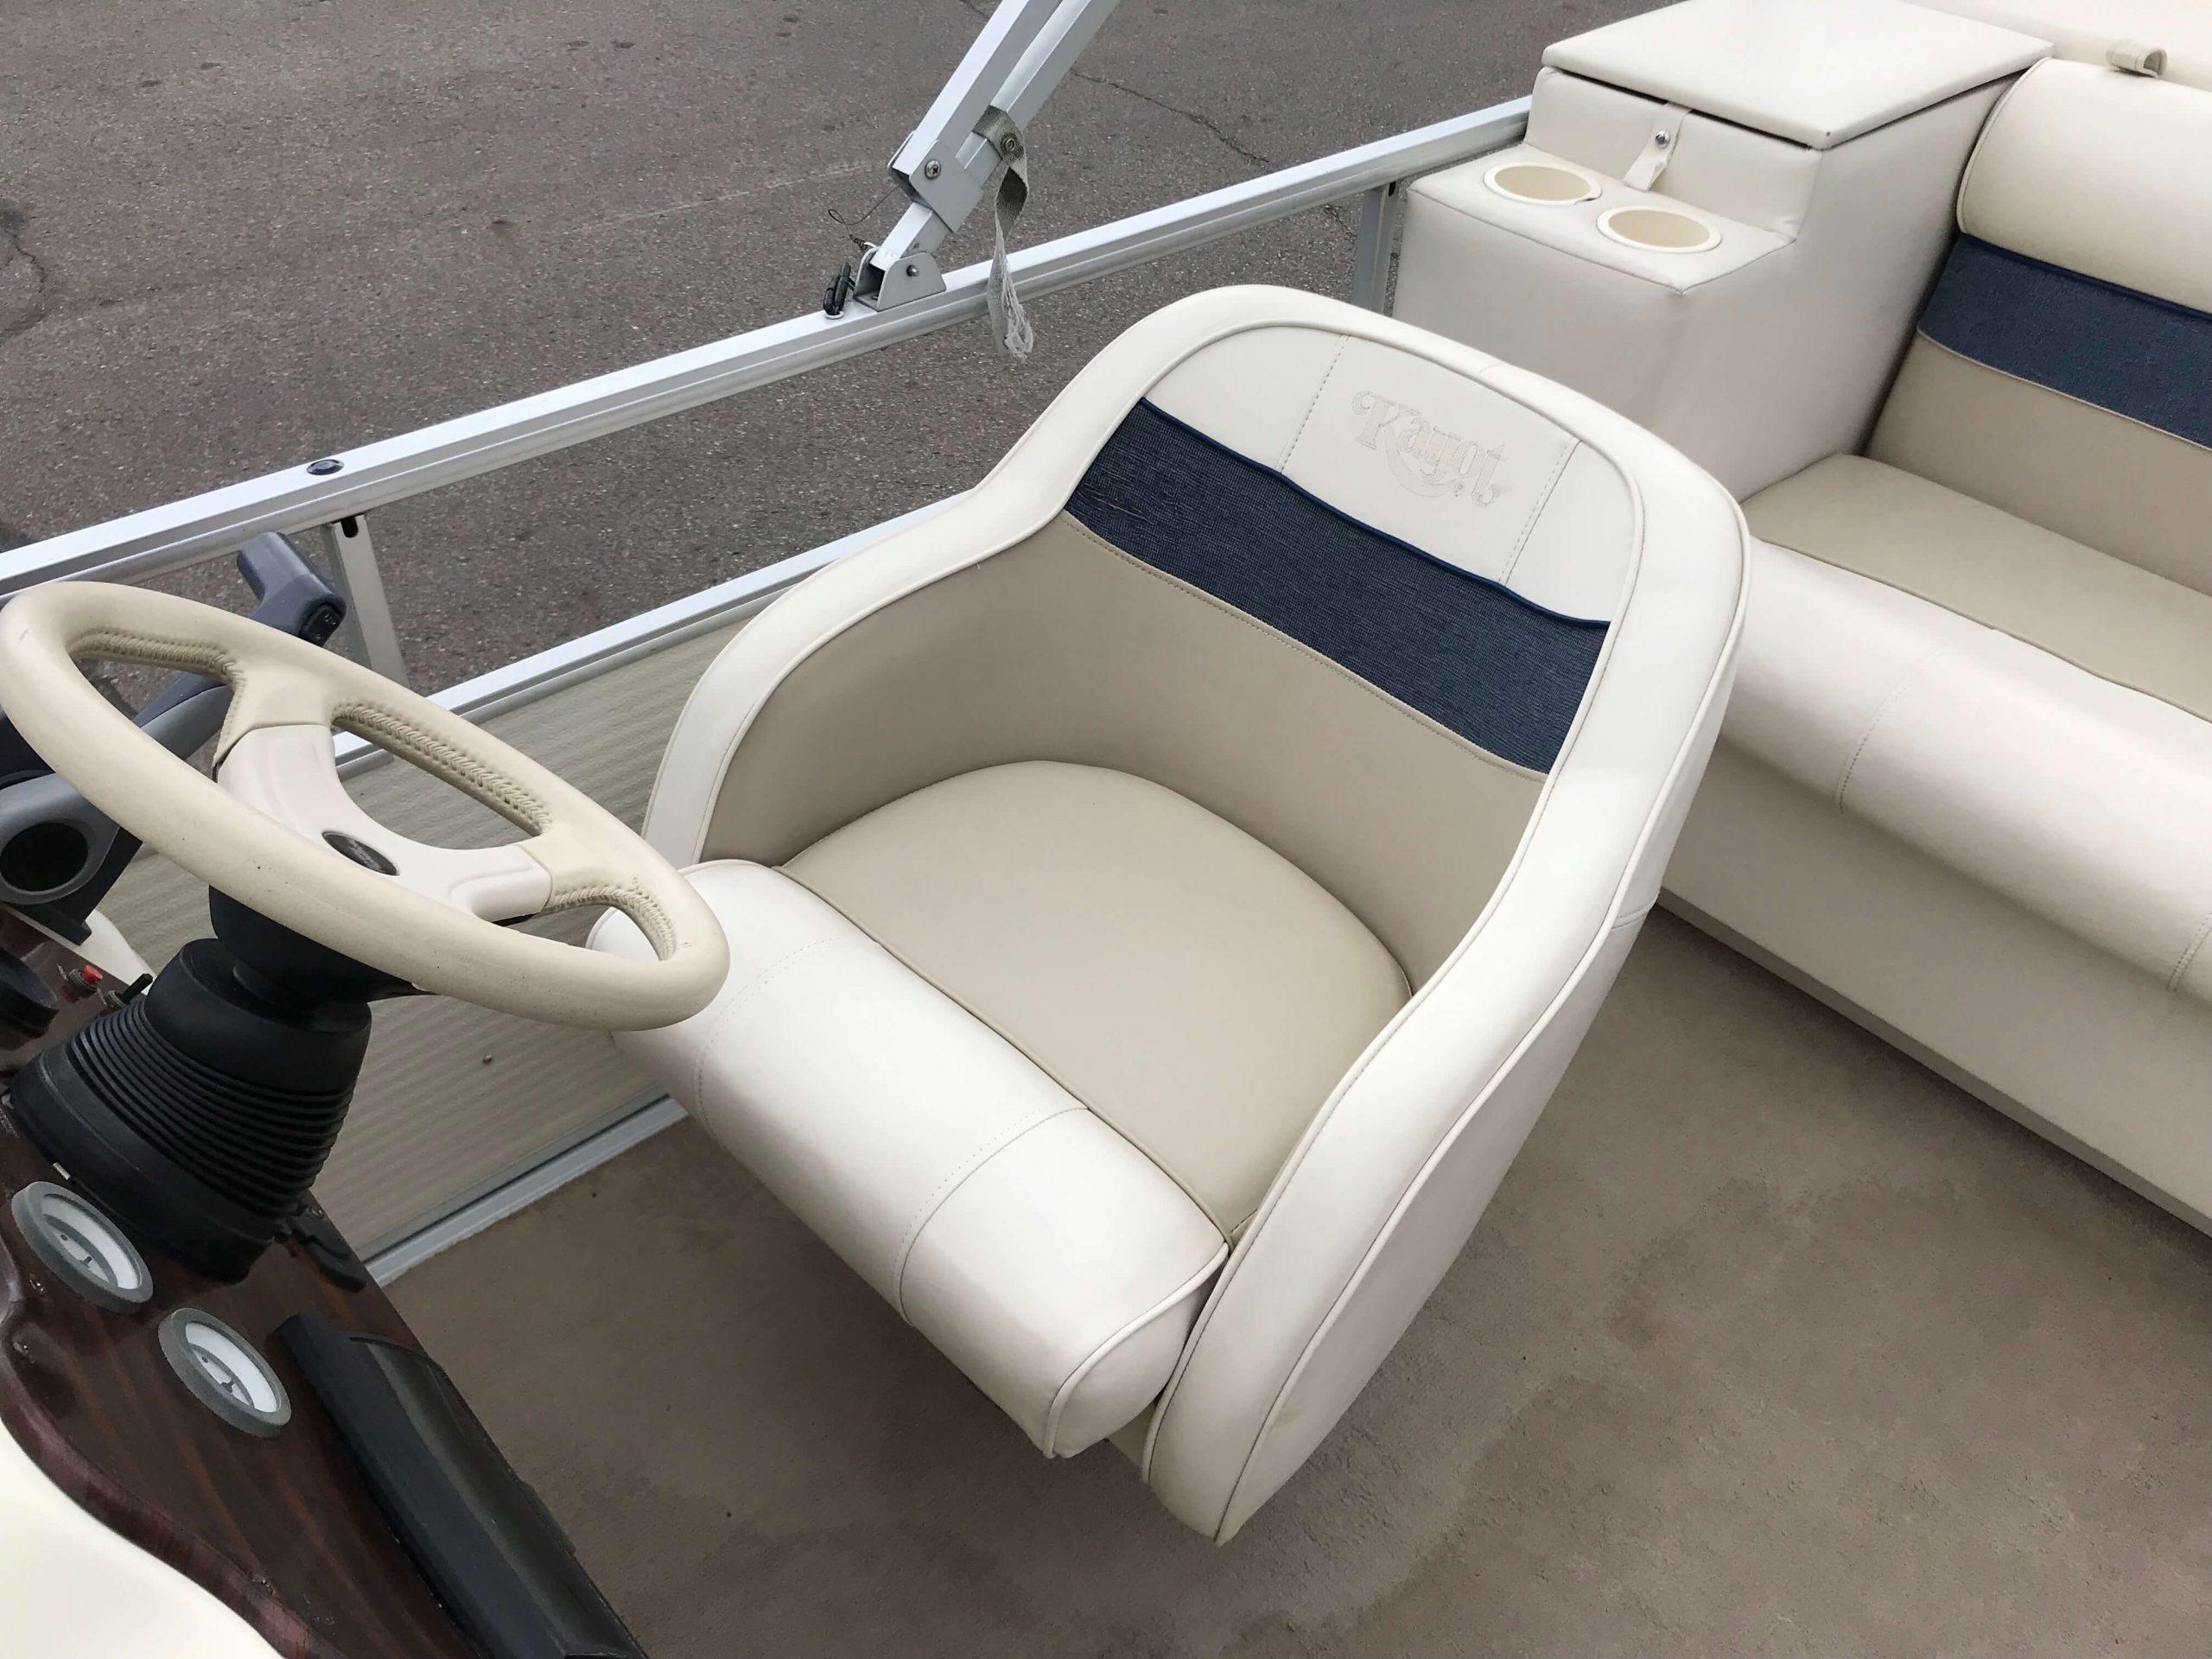 1998 Harris Kayot Skipper XL Pontoon Boat 8